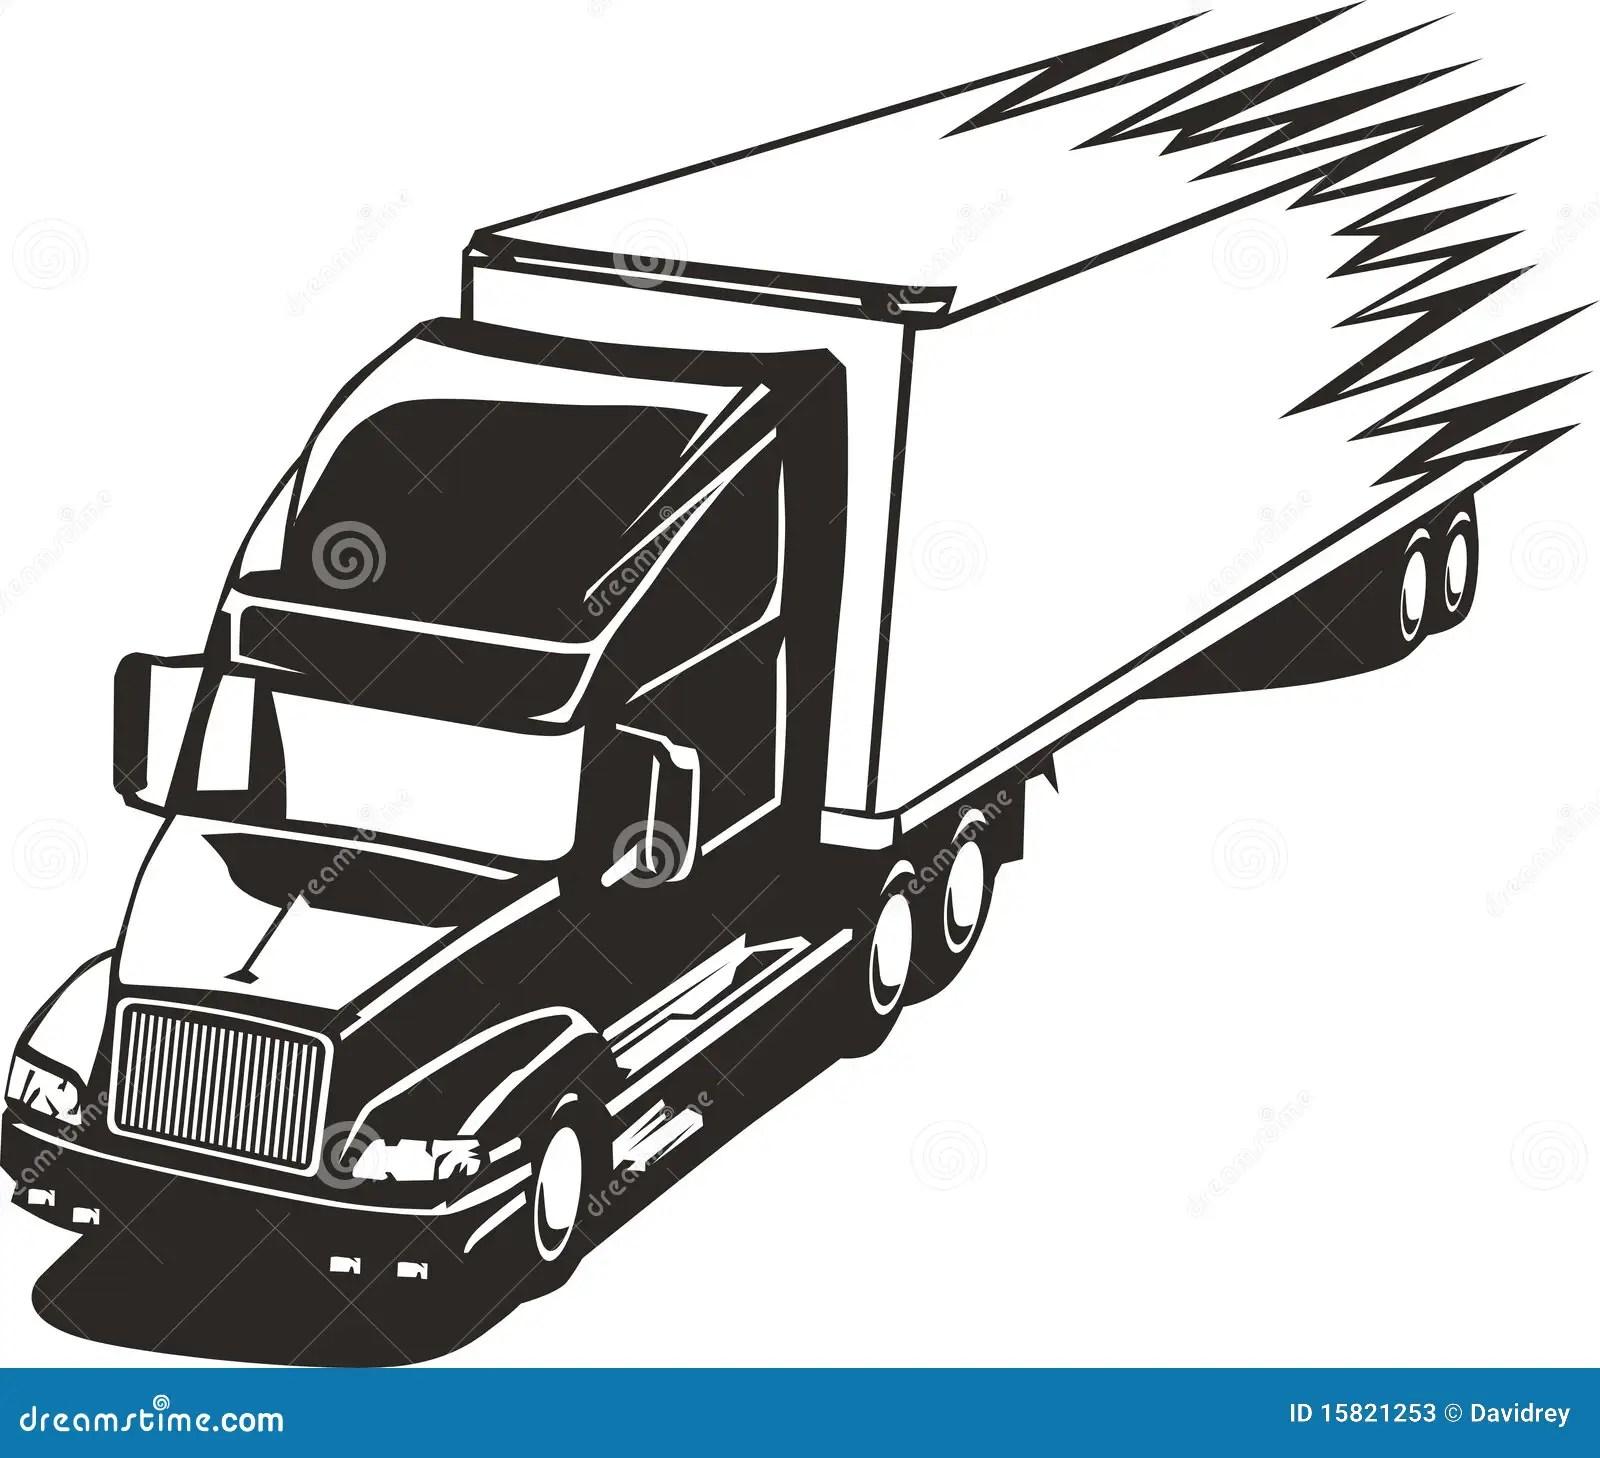 Speeding Big Rig Truck In The Highway Stock Vector